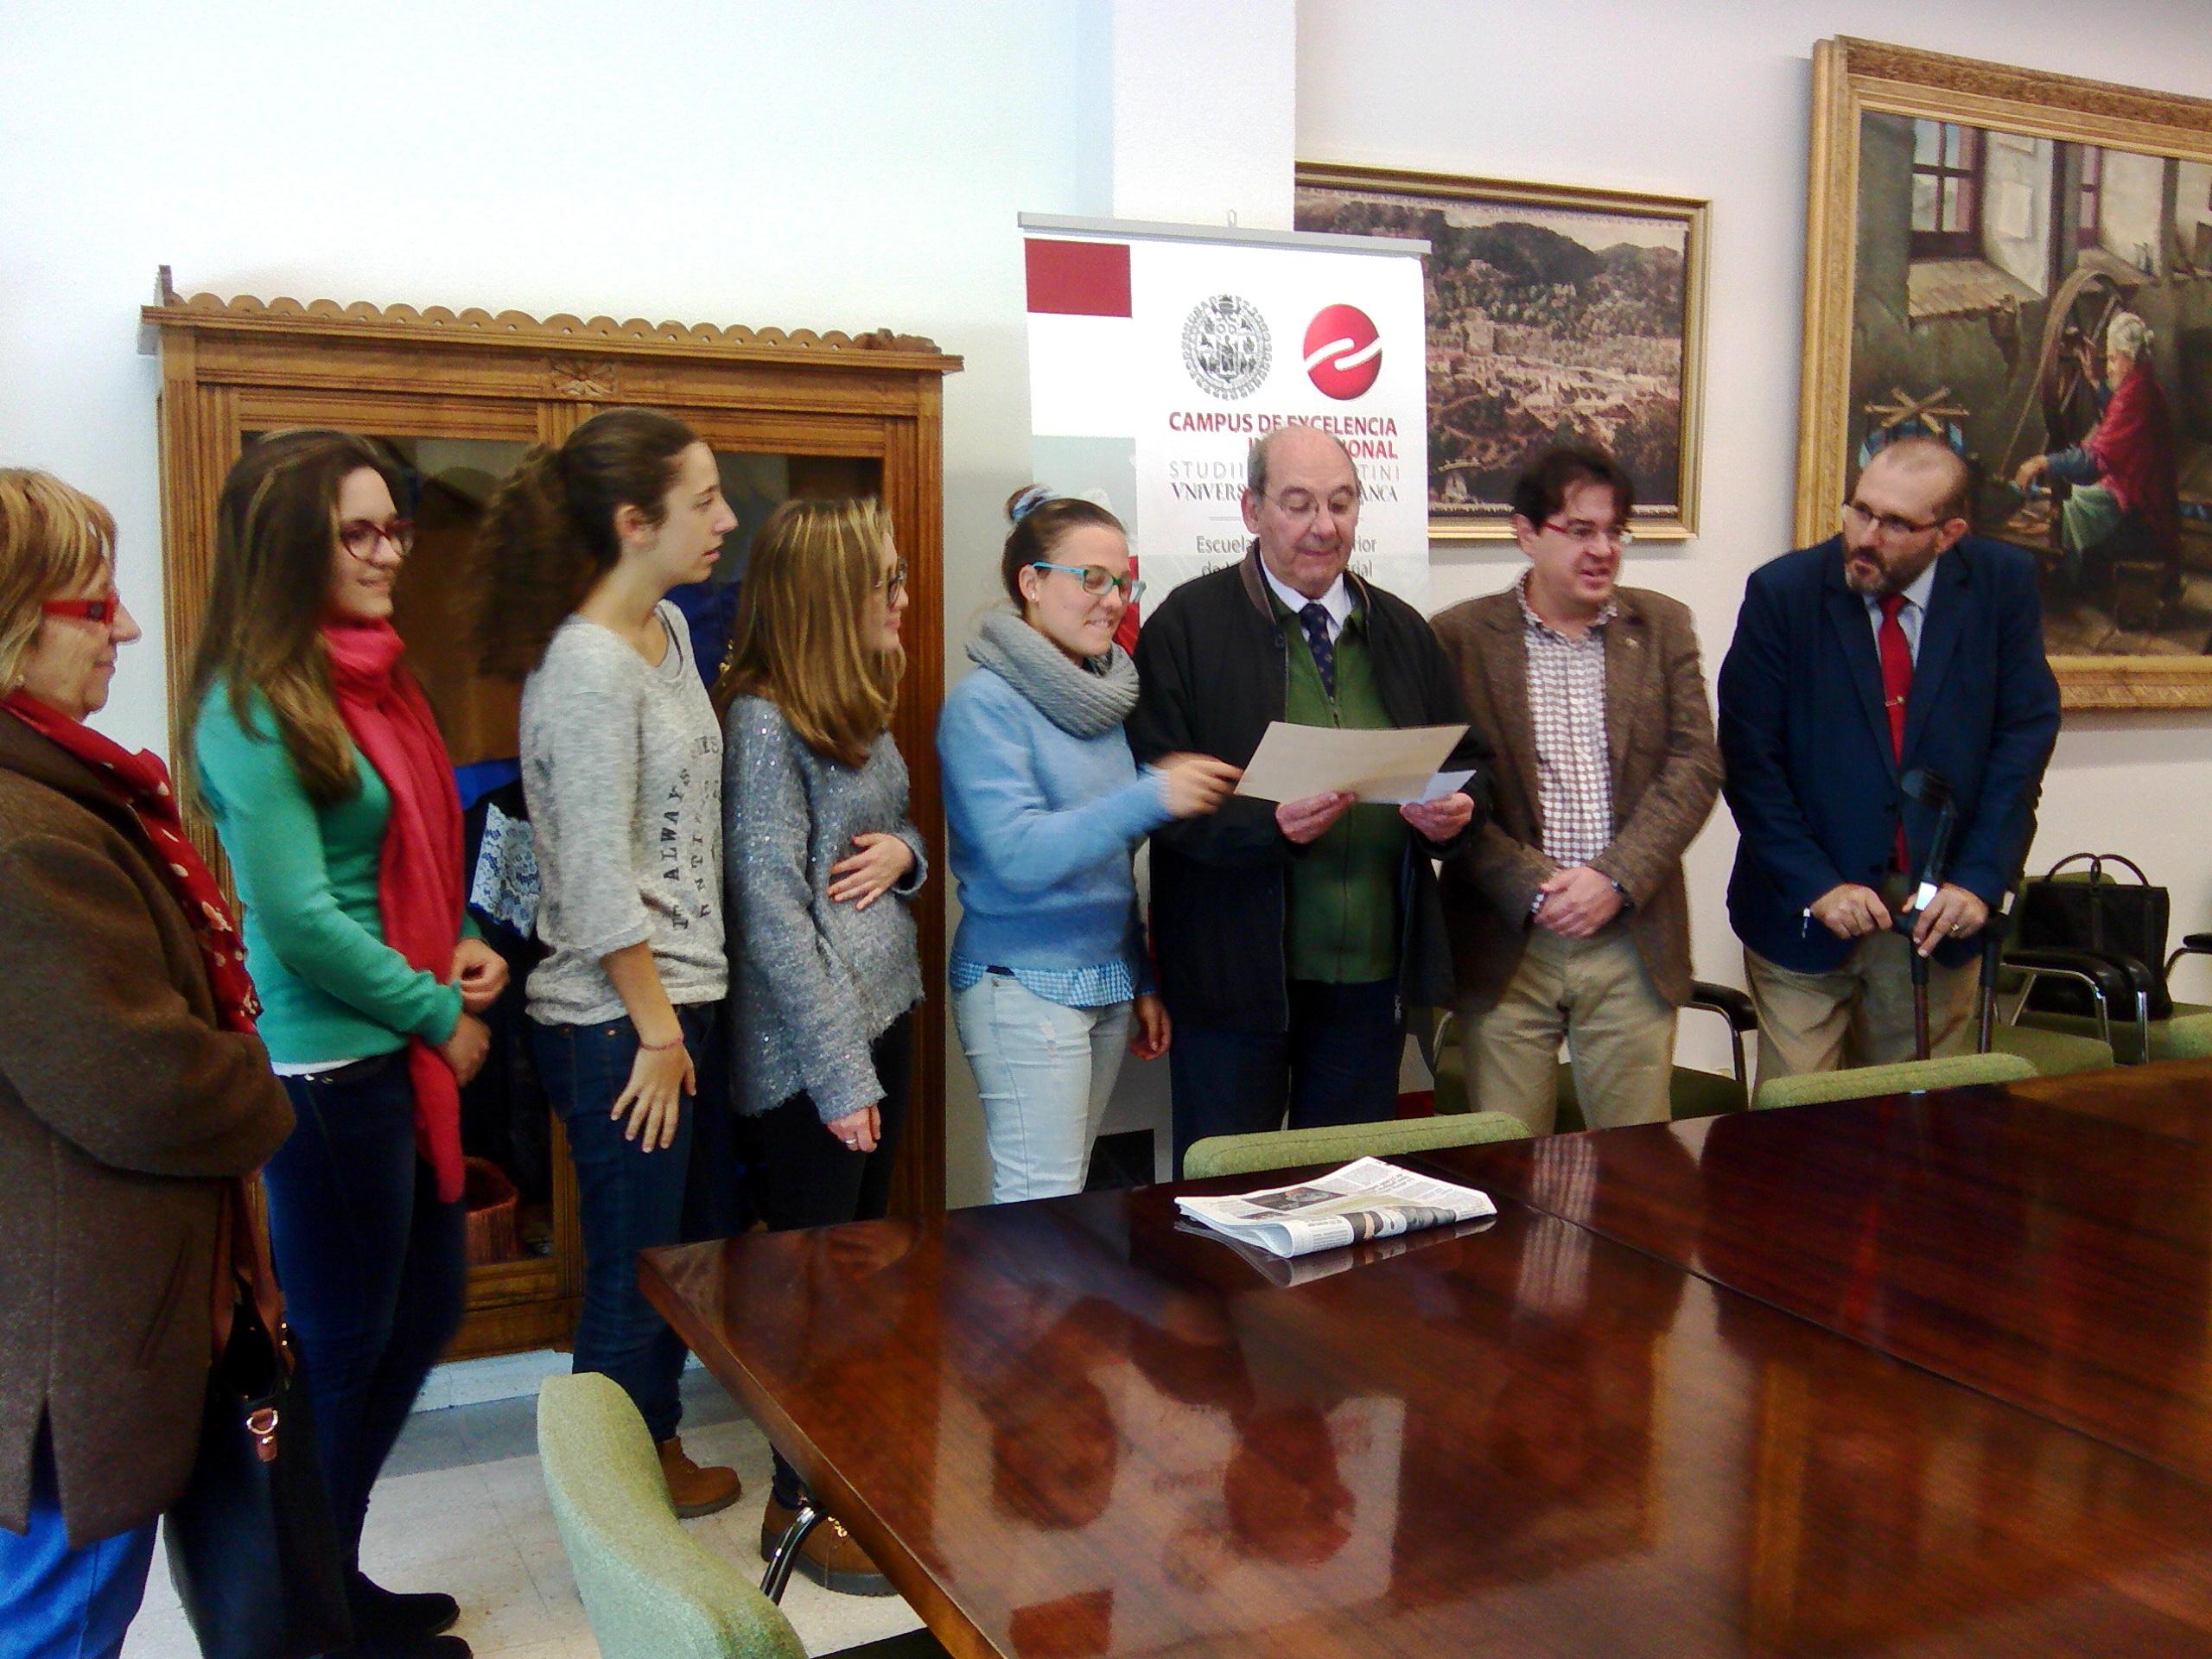 El SPIO entrega el dinero recaudado en el 'Bocadillo Solidario' de la Feria de Bienvenida del Campus de Béjar a Cáritas